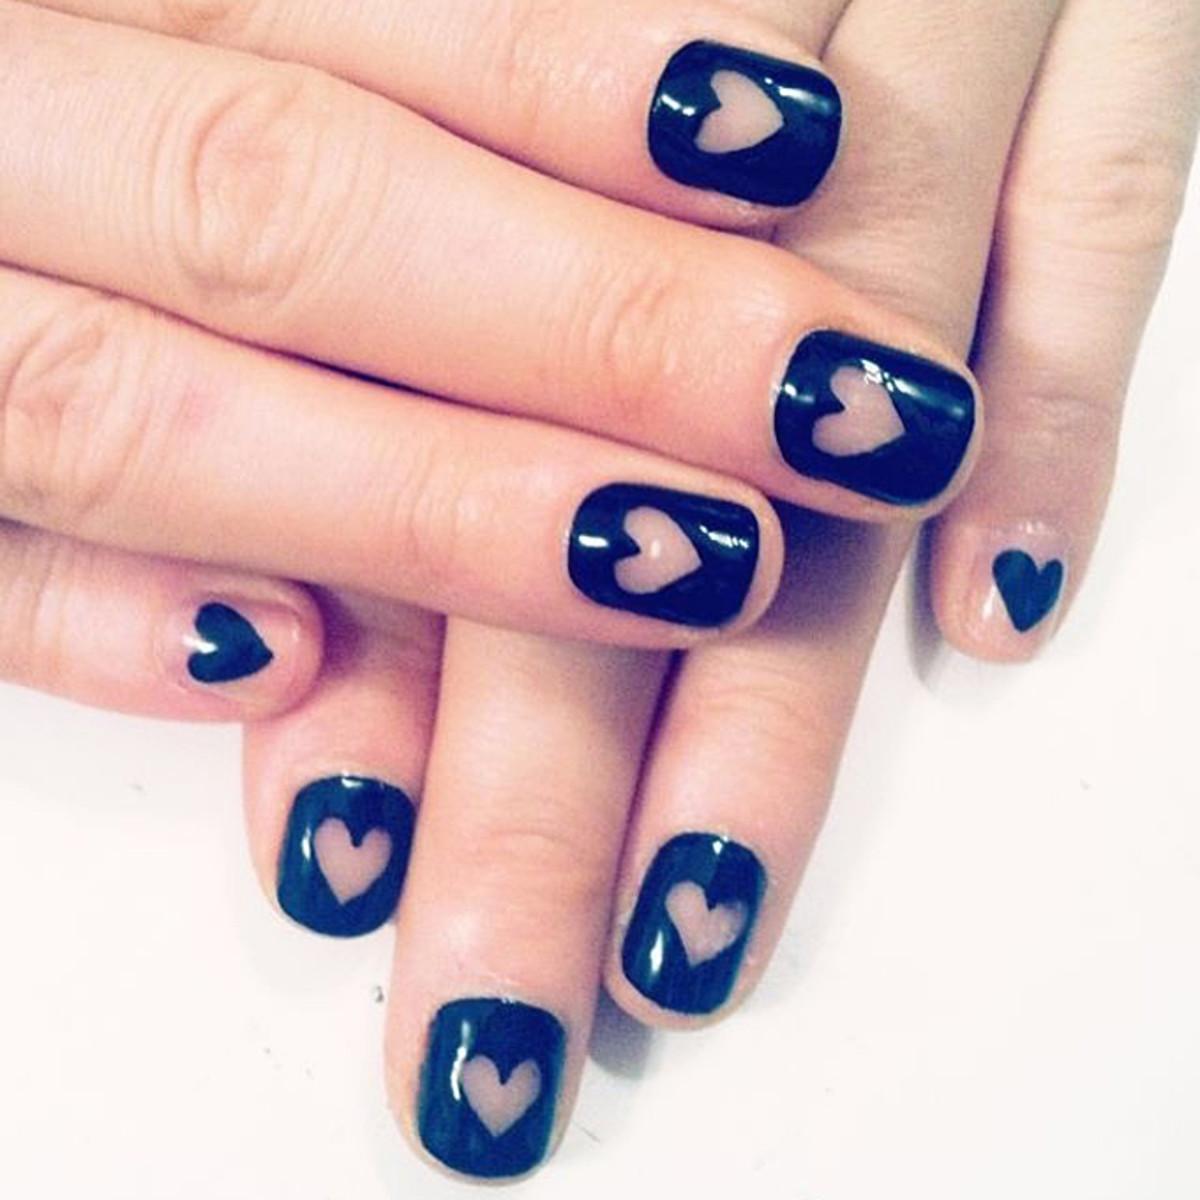 Heart cutout nails